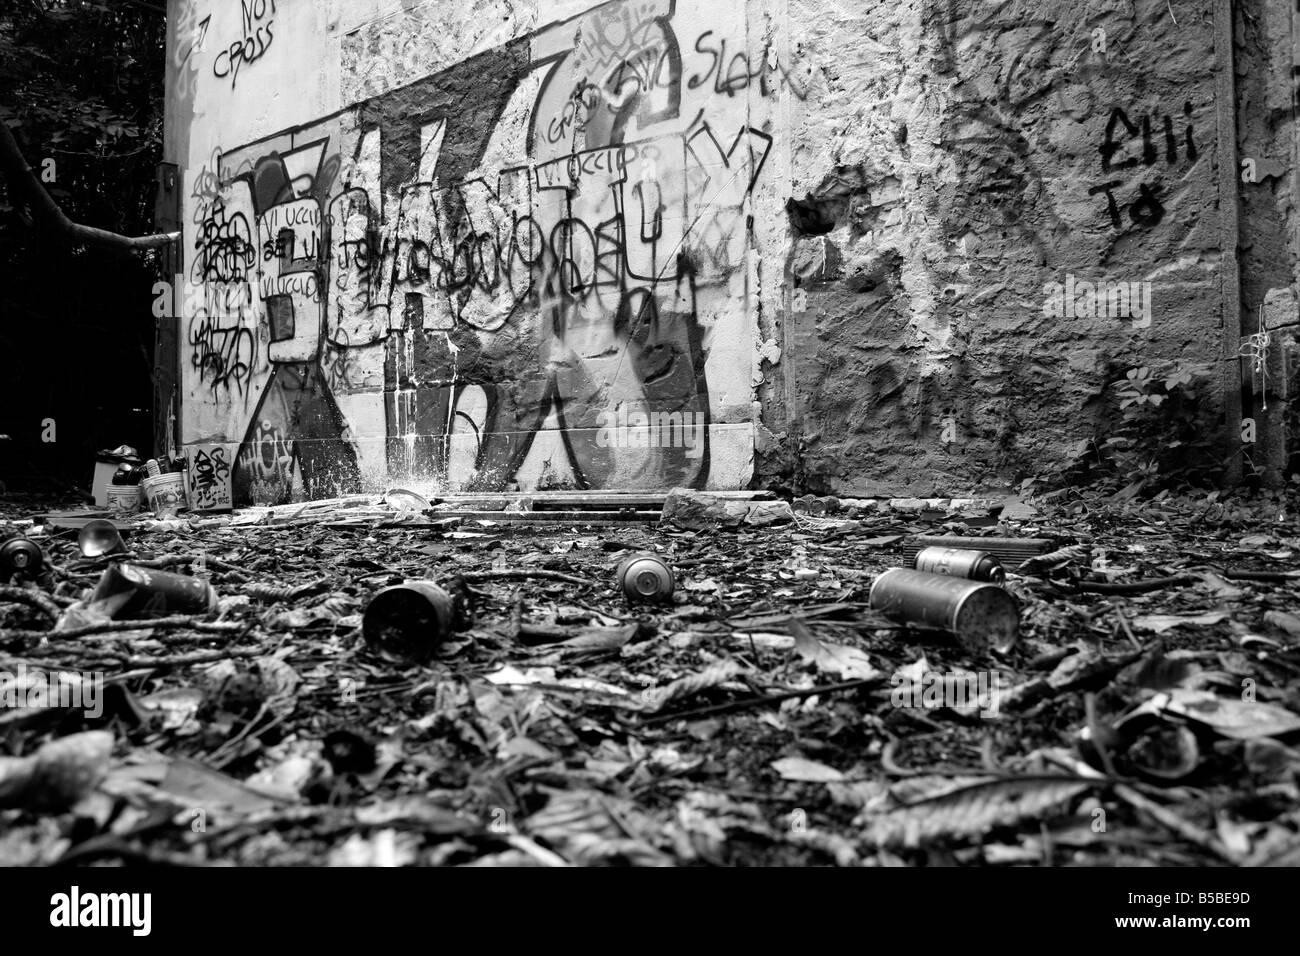 Graffitos and graffito design bomb in the Piaggio Villa. Devastation, ruin, deterioration in a Genoa park. - Stock Image